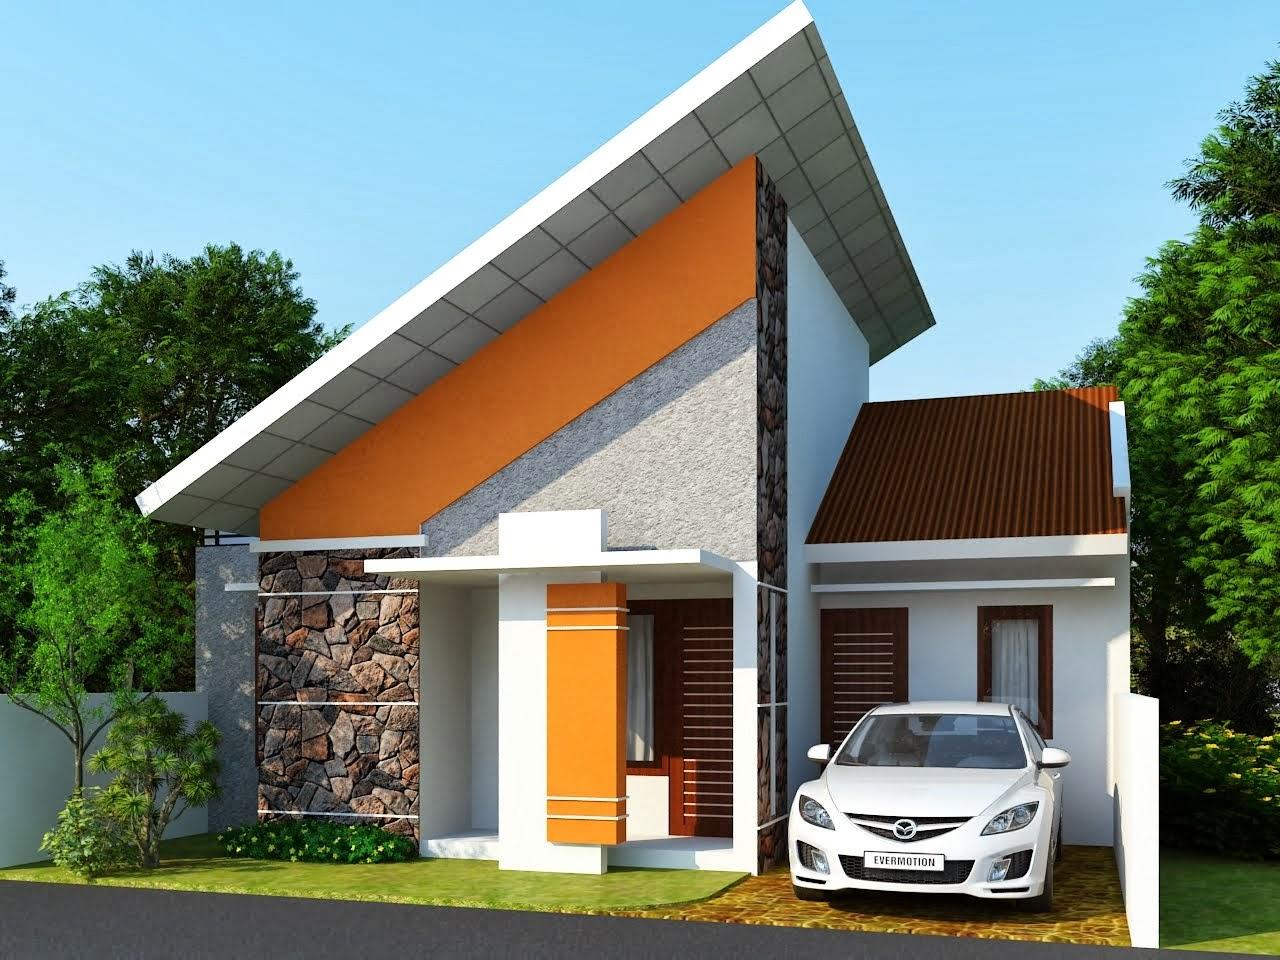 Desain Interior Rumah Antik Modern Minimalis 2016  Rumah Minimalis Terbaru